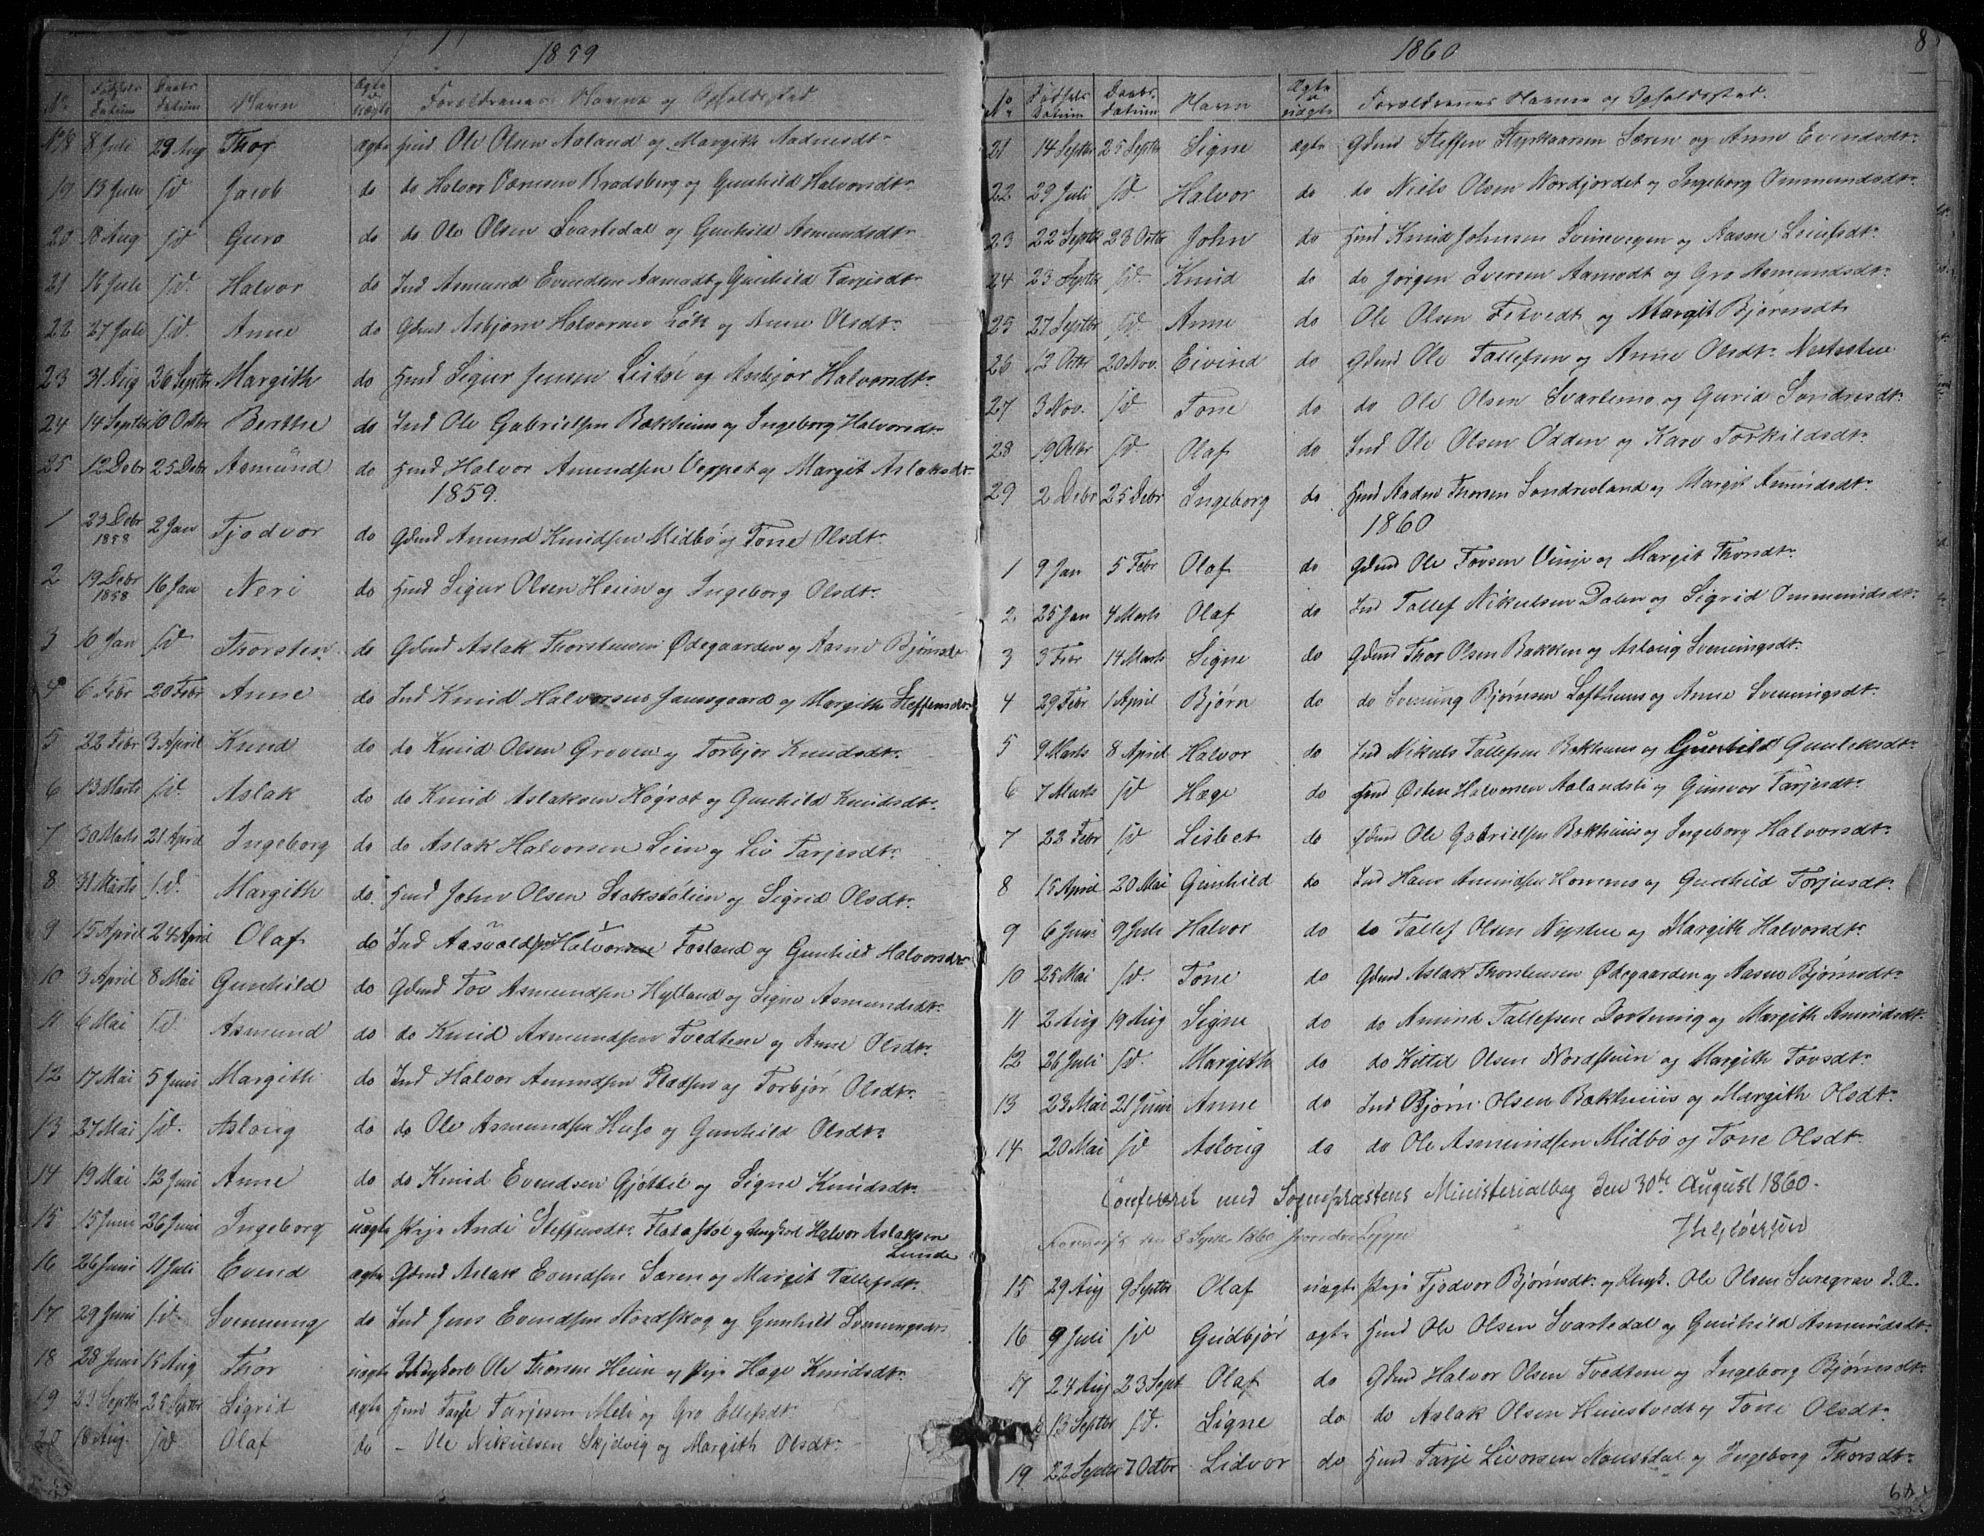 SAKO, Vinje kirkebøker, G/Ga/L0002: Klokkerbok nr. I 2, 1849-1893, s. 8